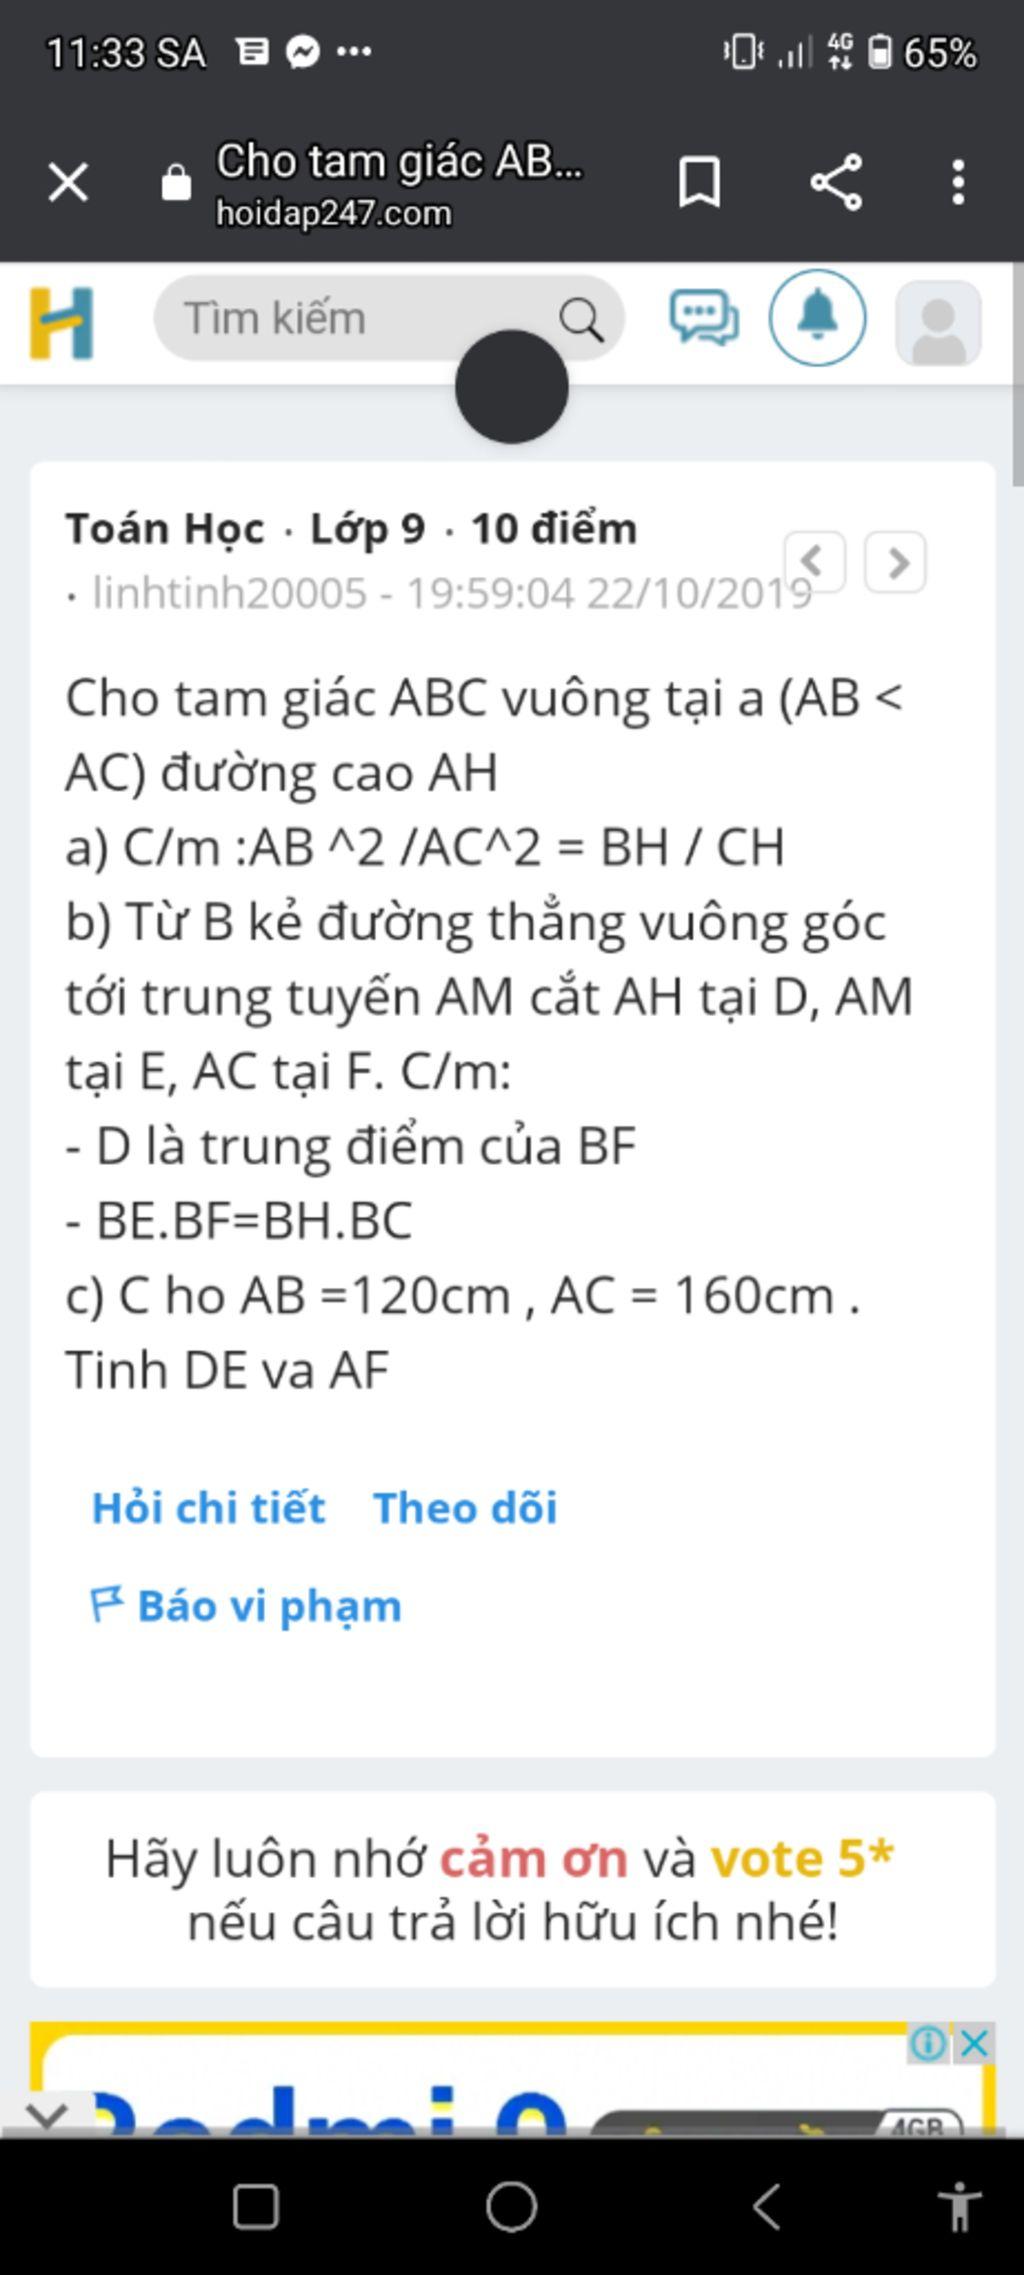 giup-mk-bai-nay-vs-toan-hinh-ps-mk-tea-mang-thay-co-nhieu-bn-hoi-r-nhung-ko-co-ctl-cac-chuyen-gi